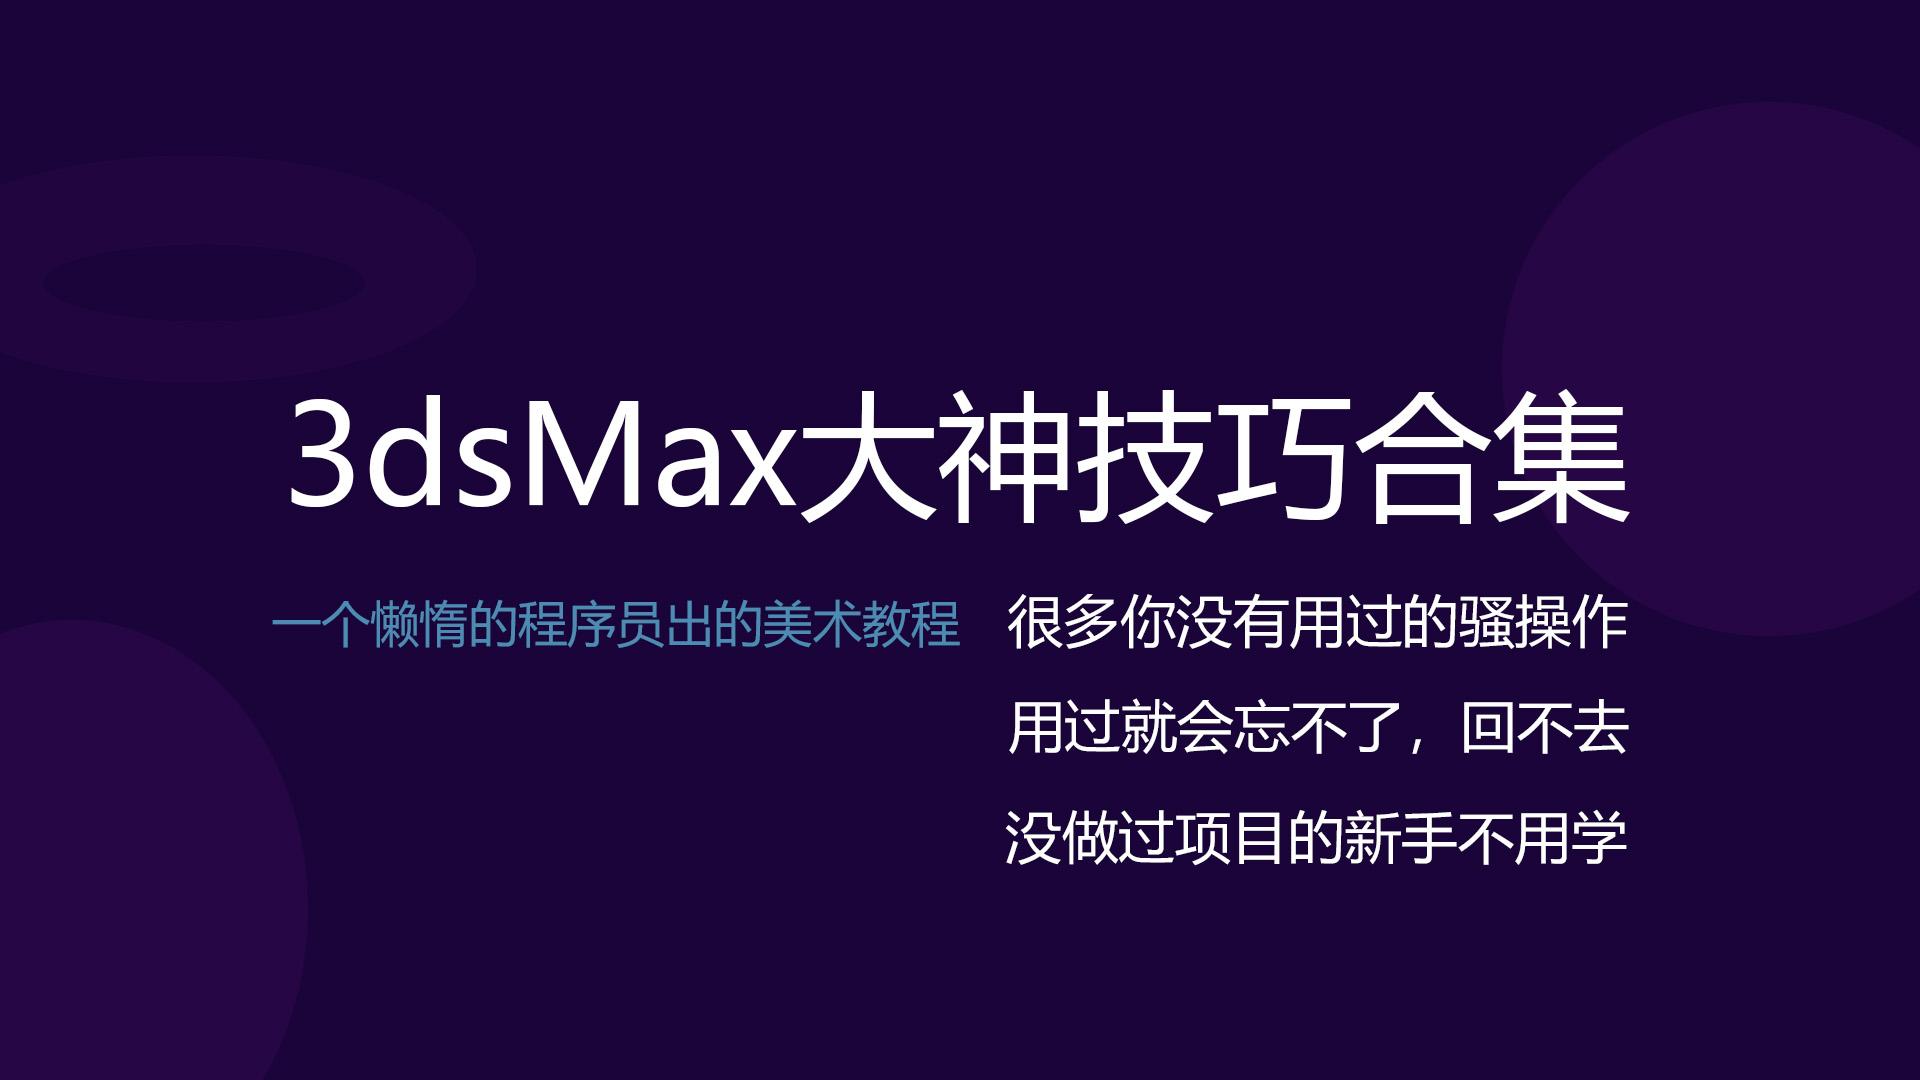 罗老师3DsMax大神技巧合集